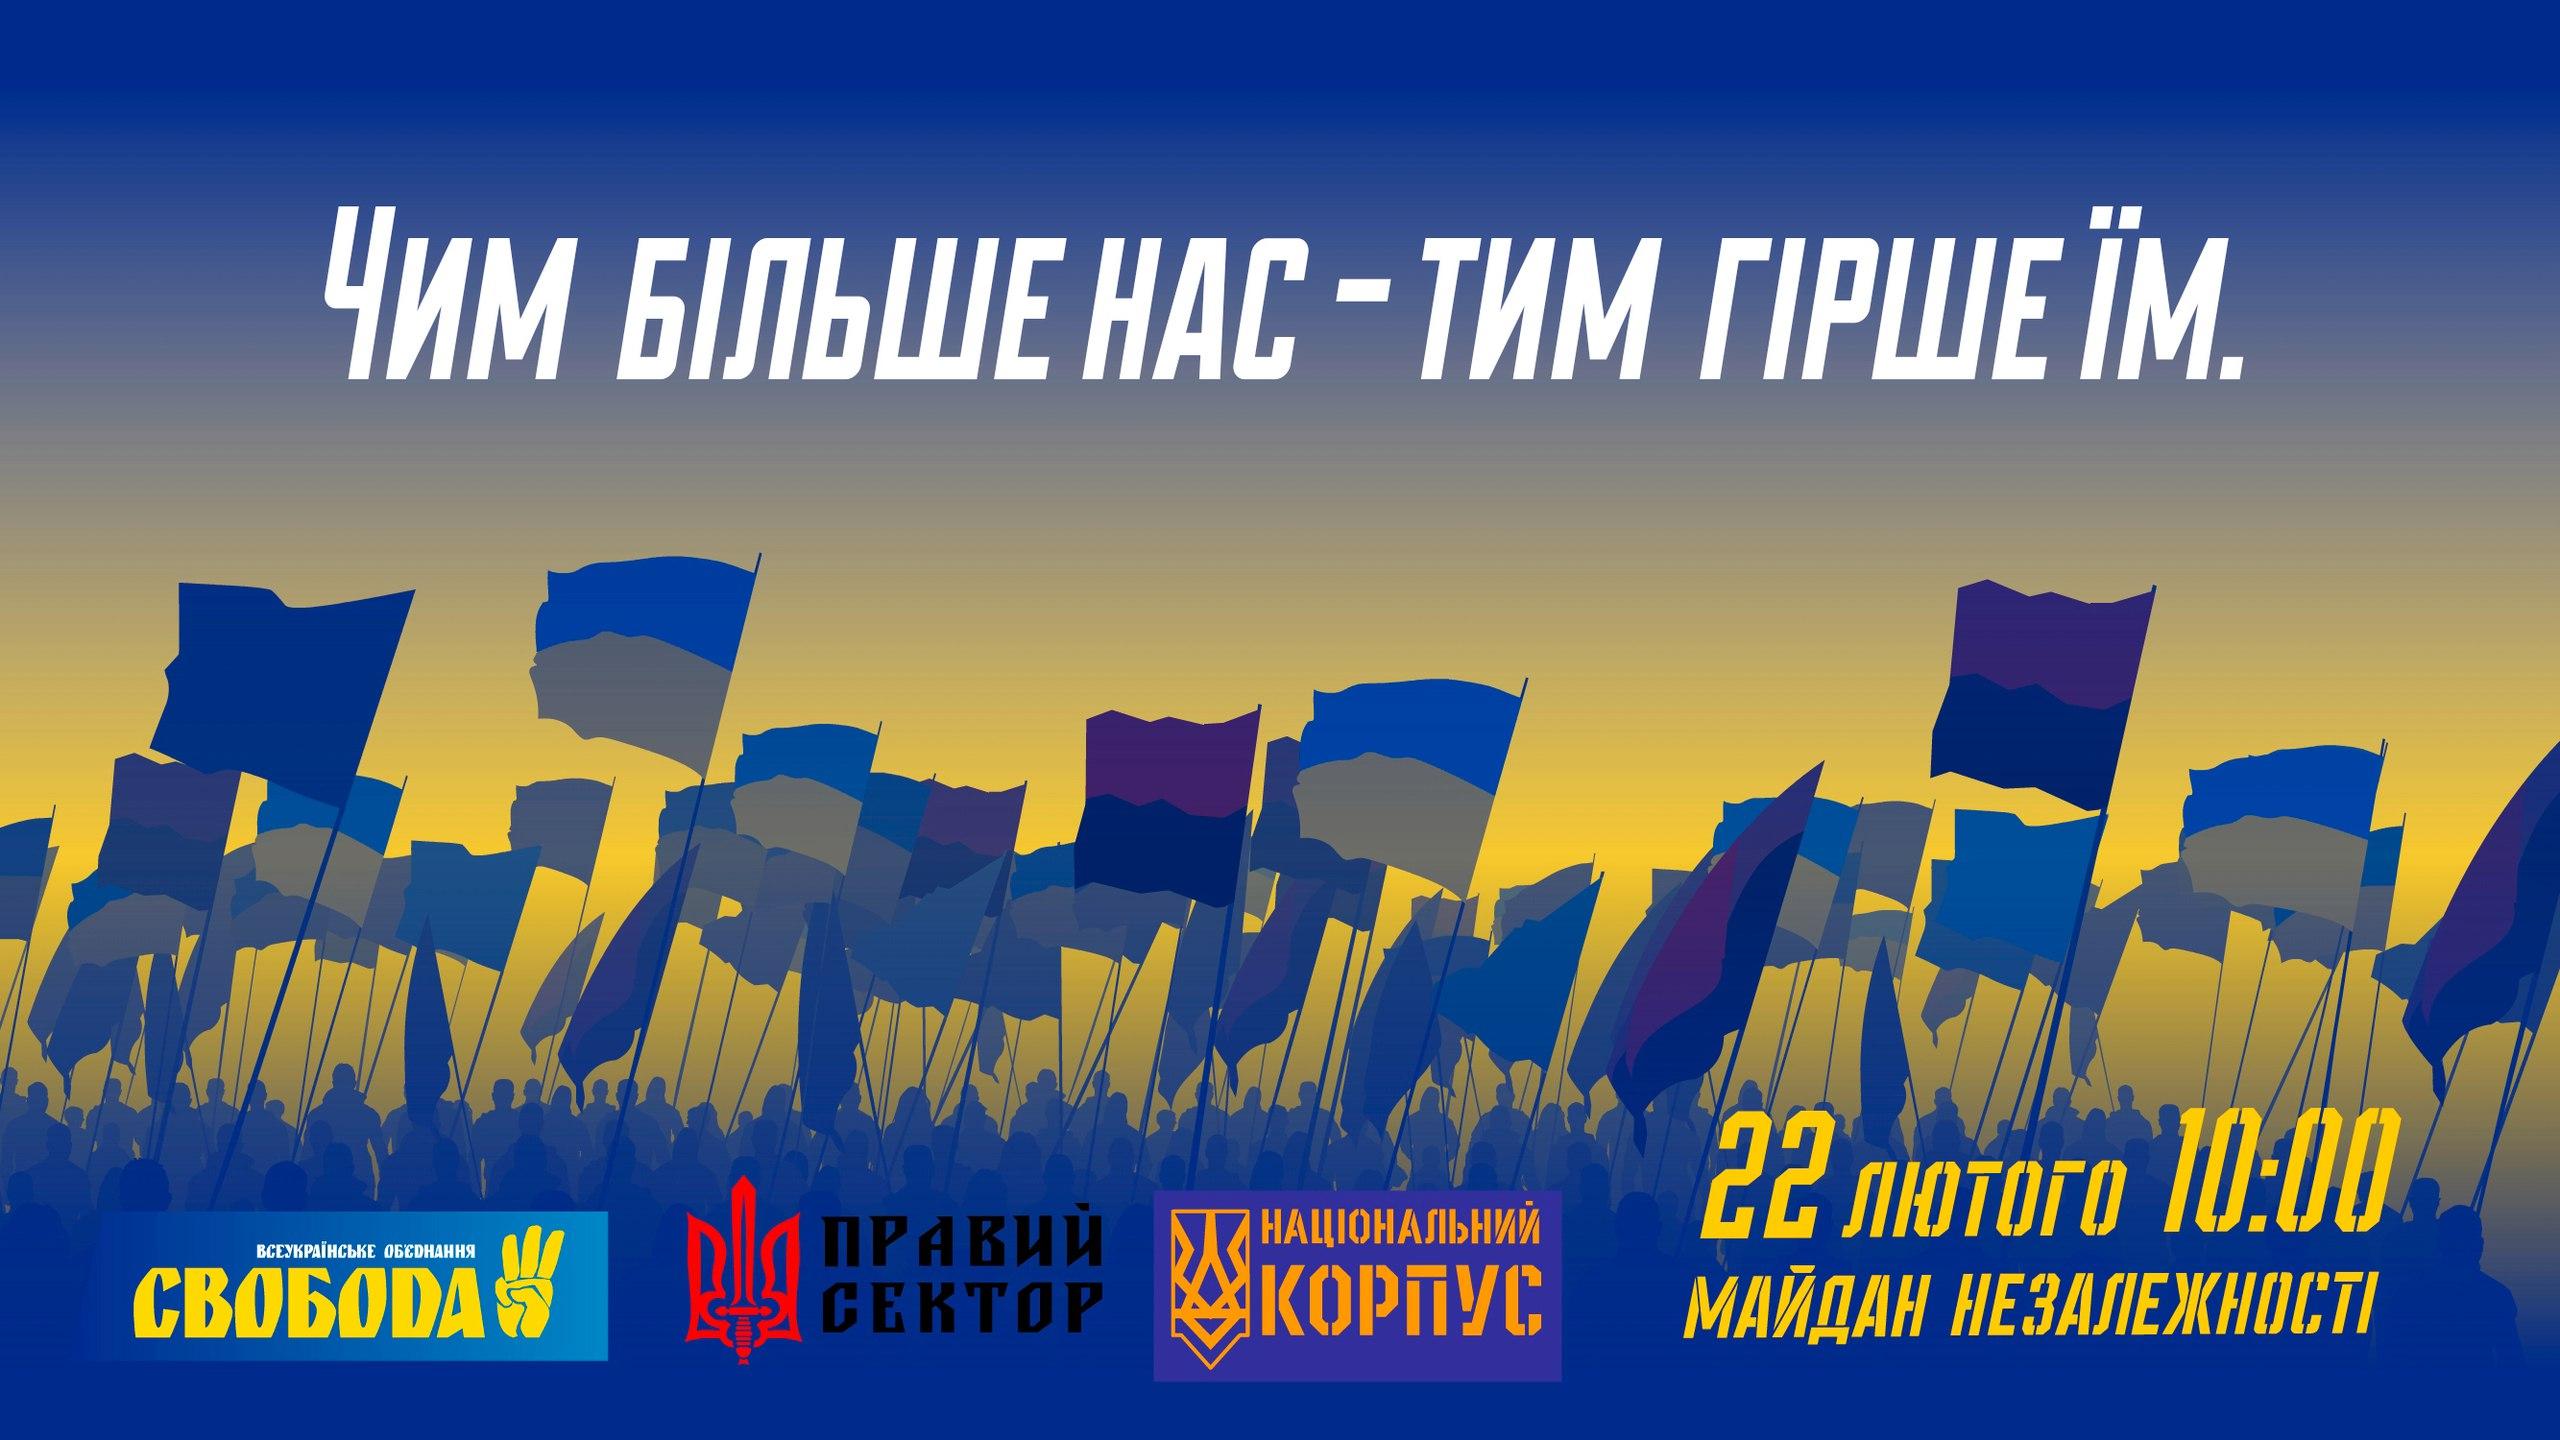 Полиция освободила Коханивского и остальных задержанных в ходе стычек в воскресенье в Киеве - Цензор.НЕТ 8530